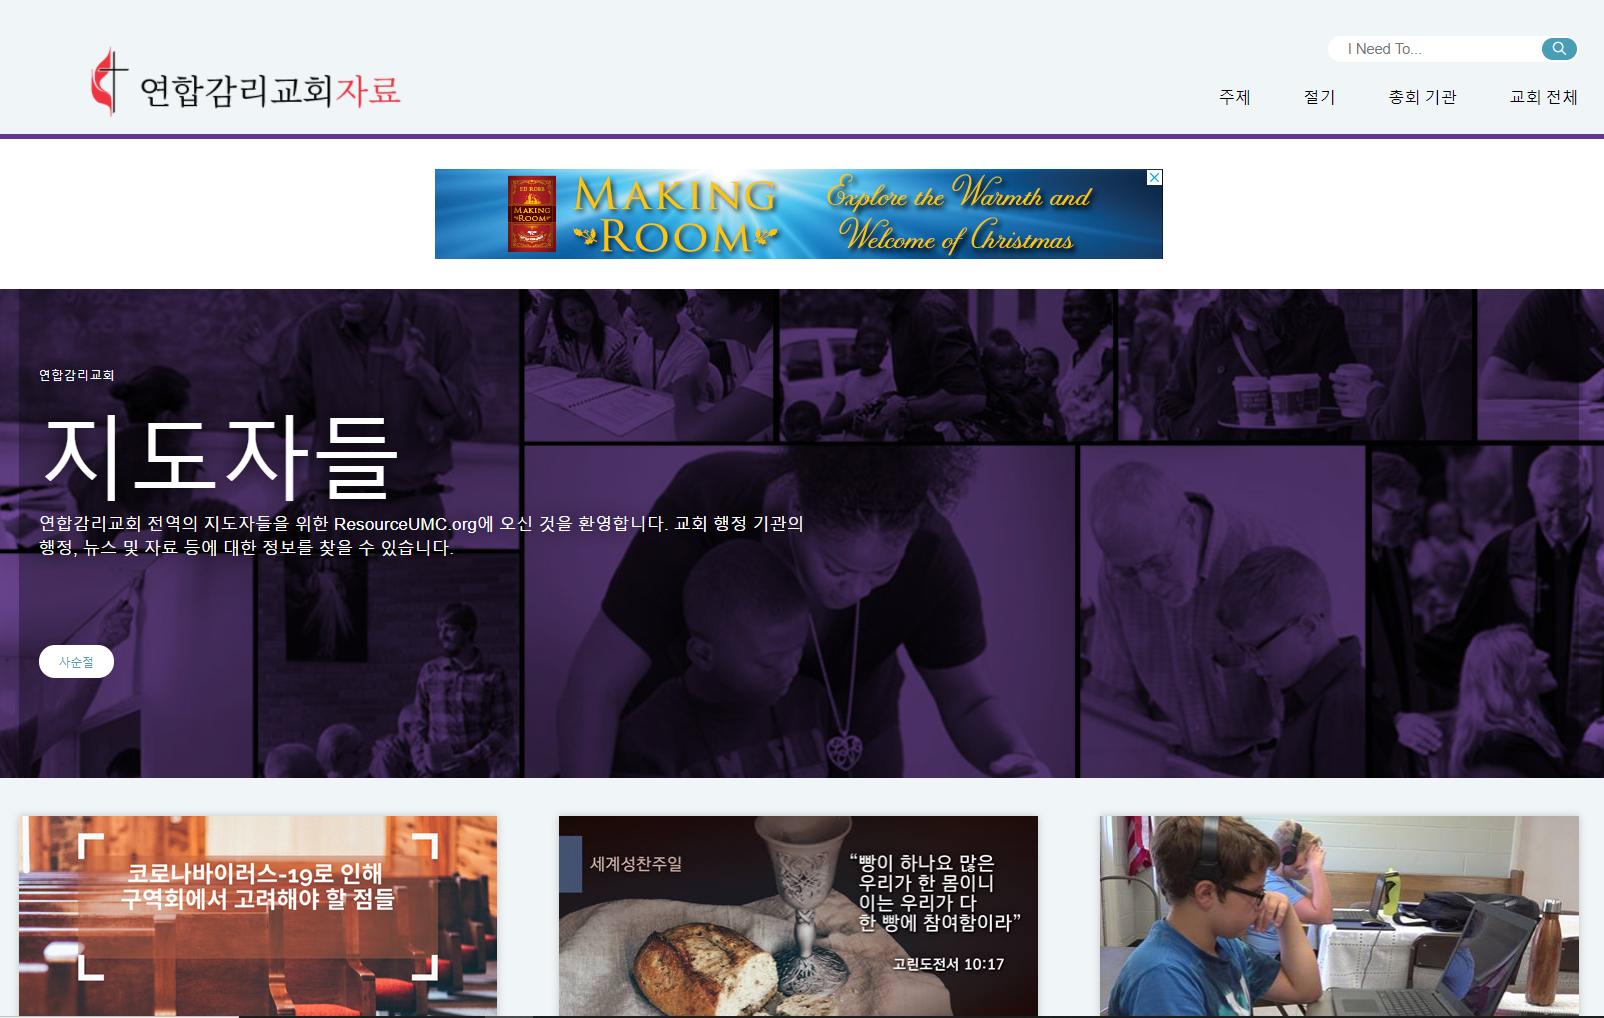 연합감리교자료 웹사이트 9월 29일 자 화면 갈무리.